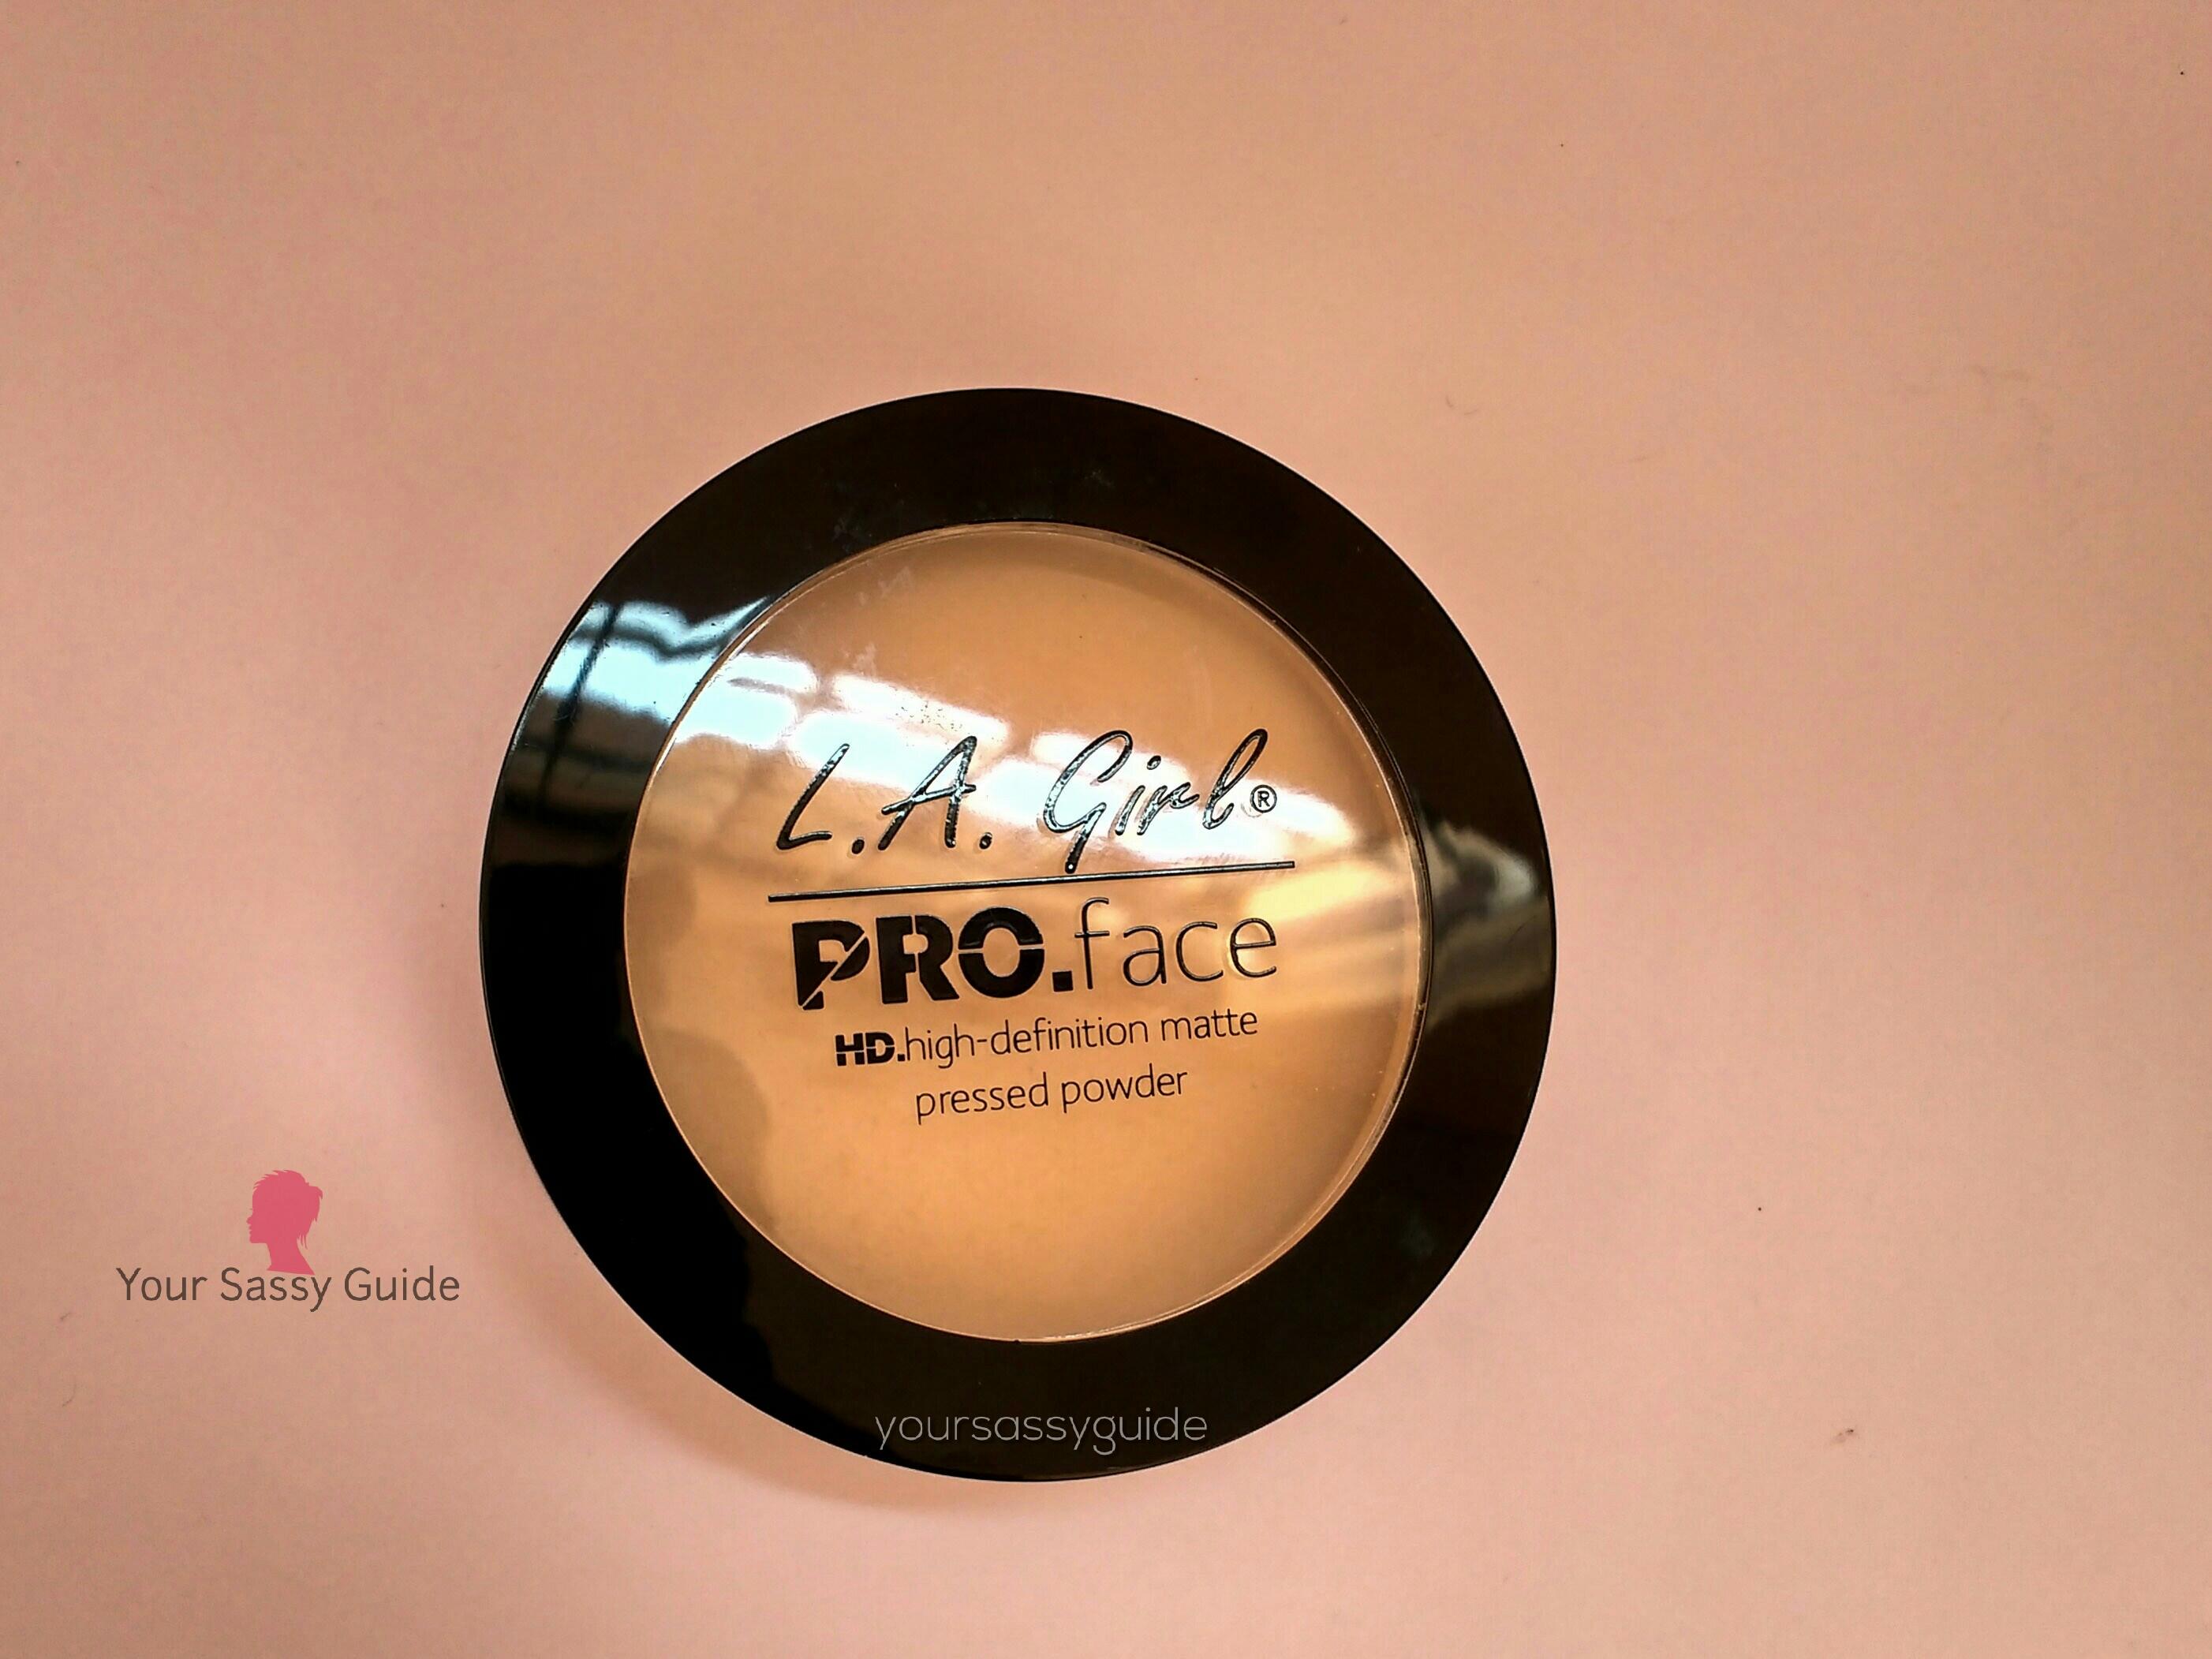 LA Girl Pro Face HD Matte Pressed Powder Creamy Natural